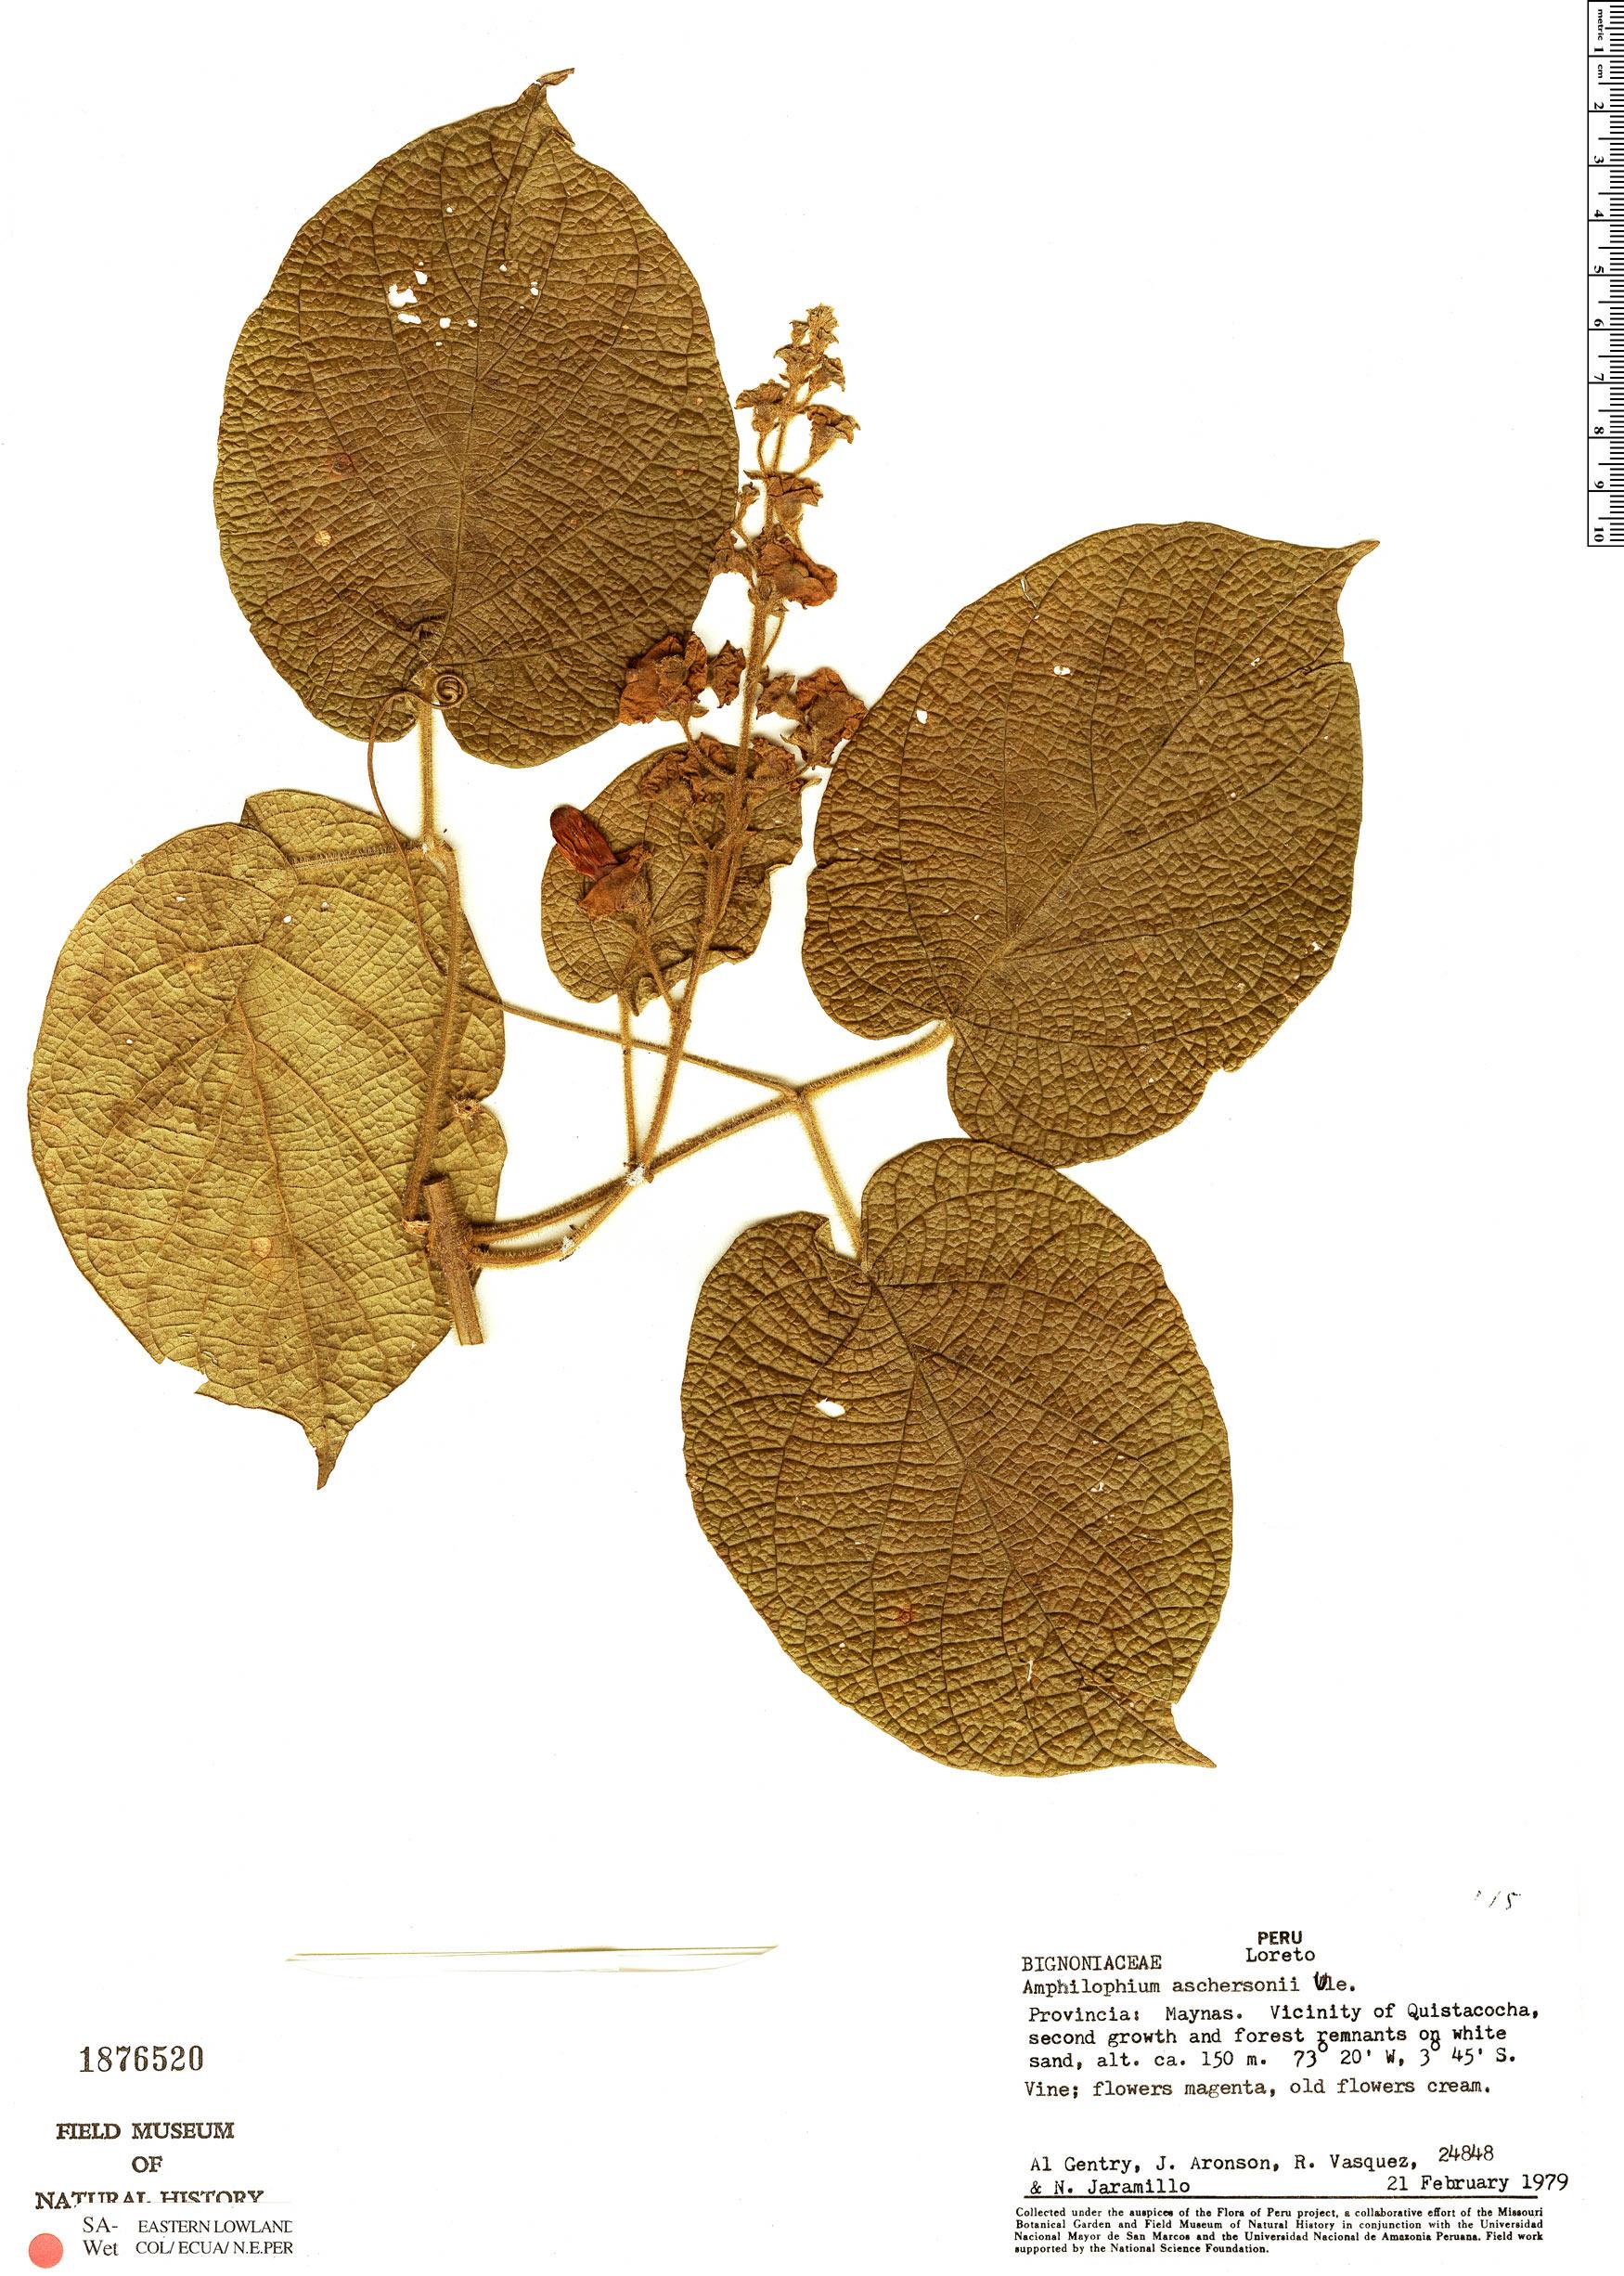 Specimen: Amphilophium aschersonii